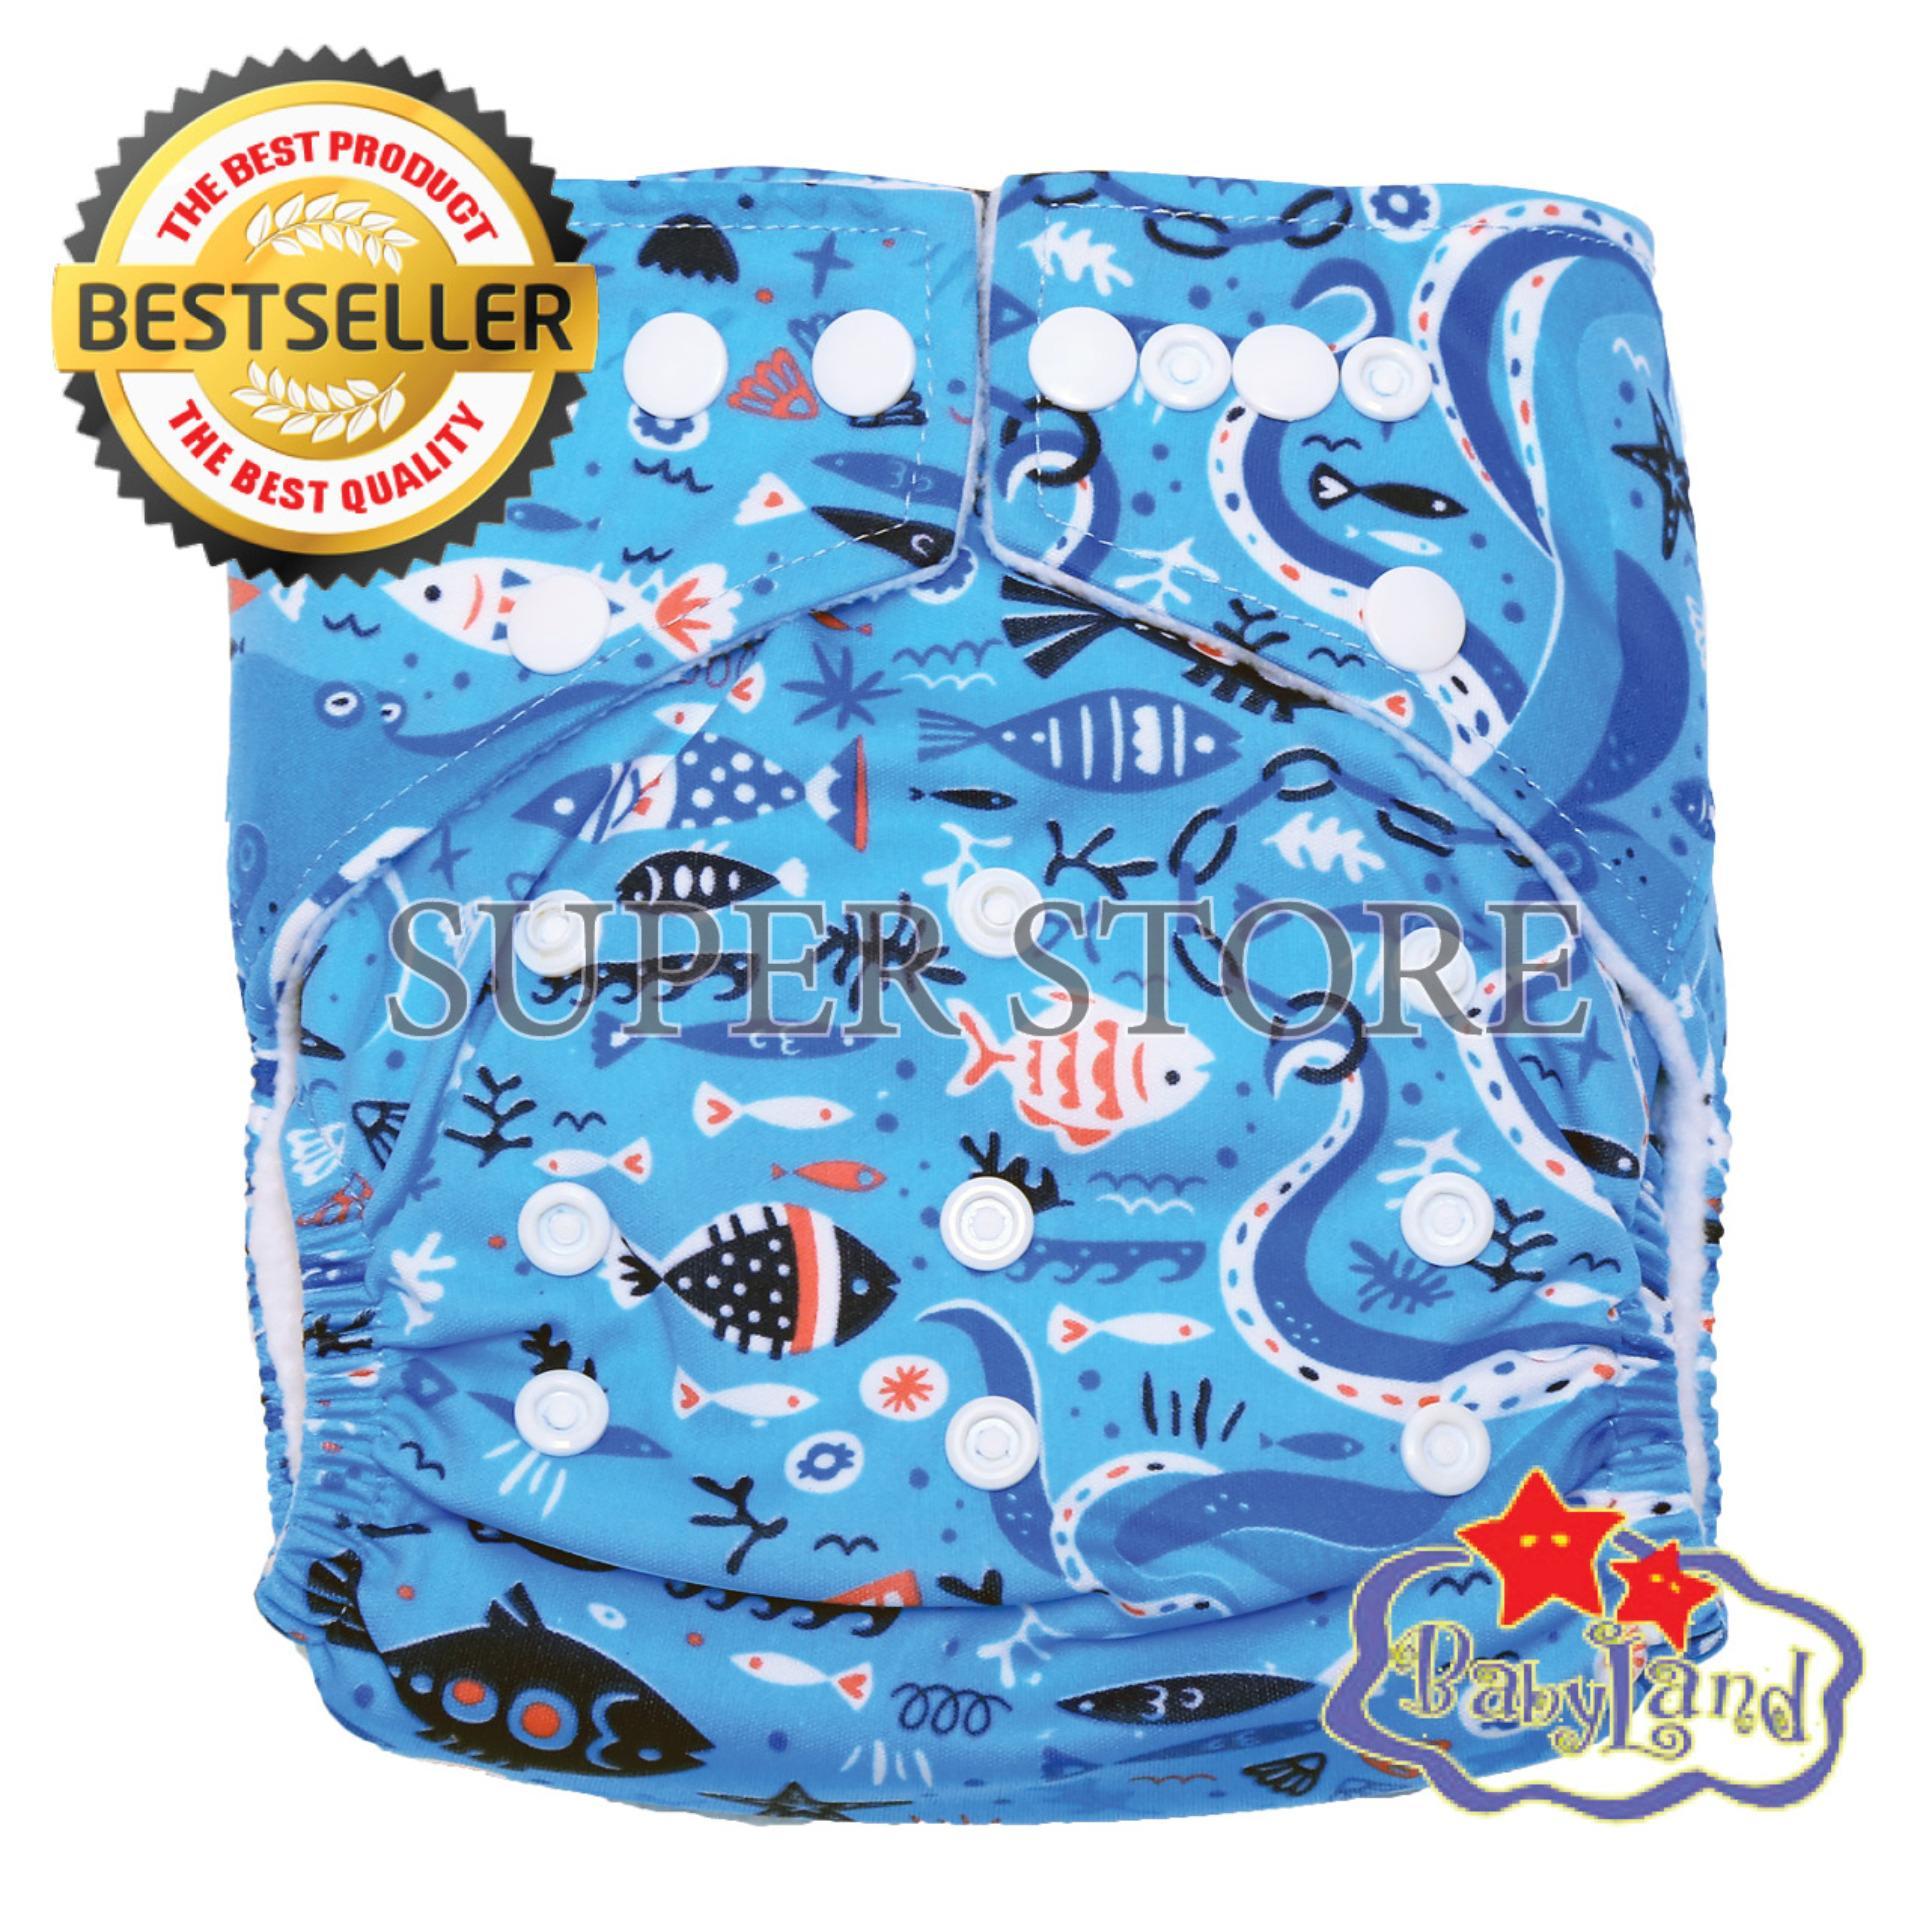 Harga Babyland Popok Bayi Cuci Ulang Pocket Motif Fish Jam Dengan 1 Insert Microfiber Clodi Bayi Cloth Diapers Pampers Kain Branded